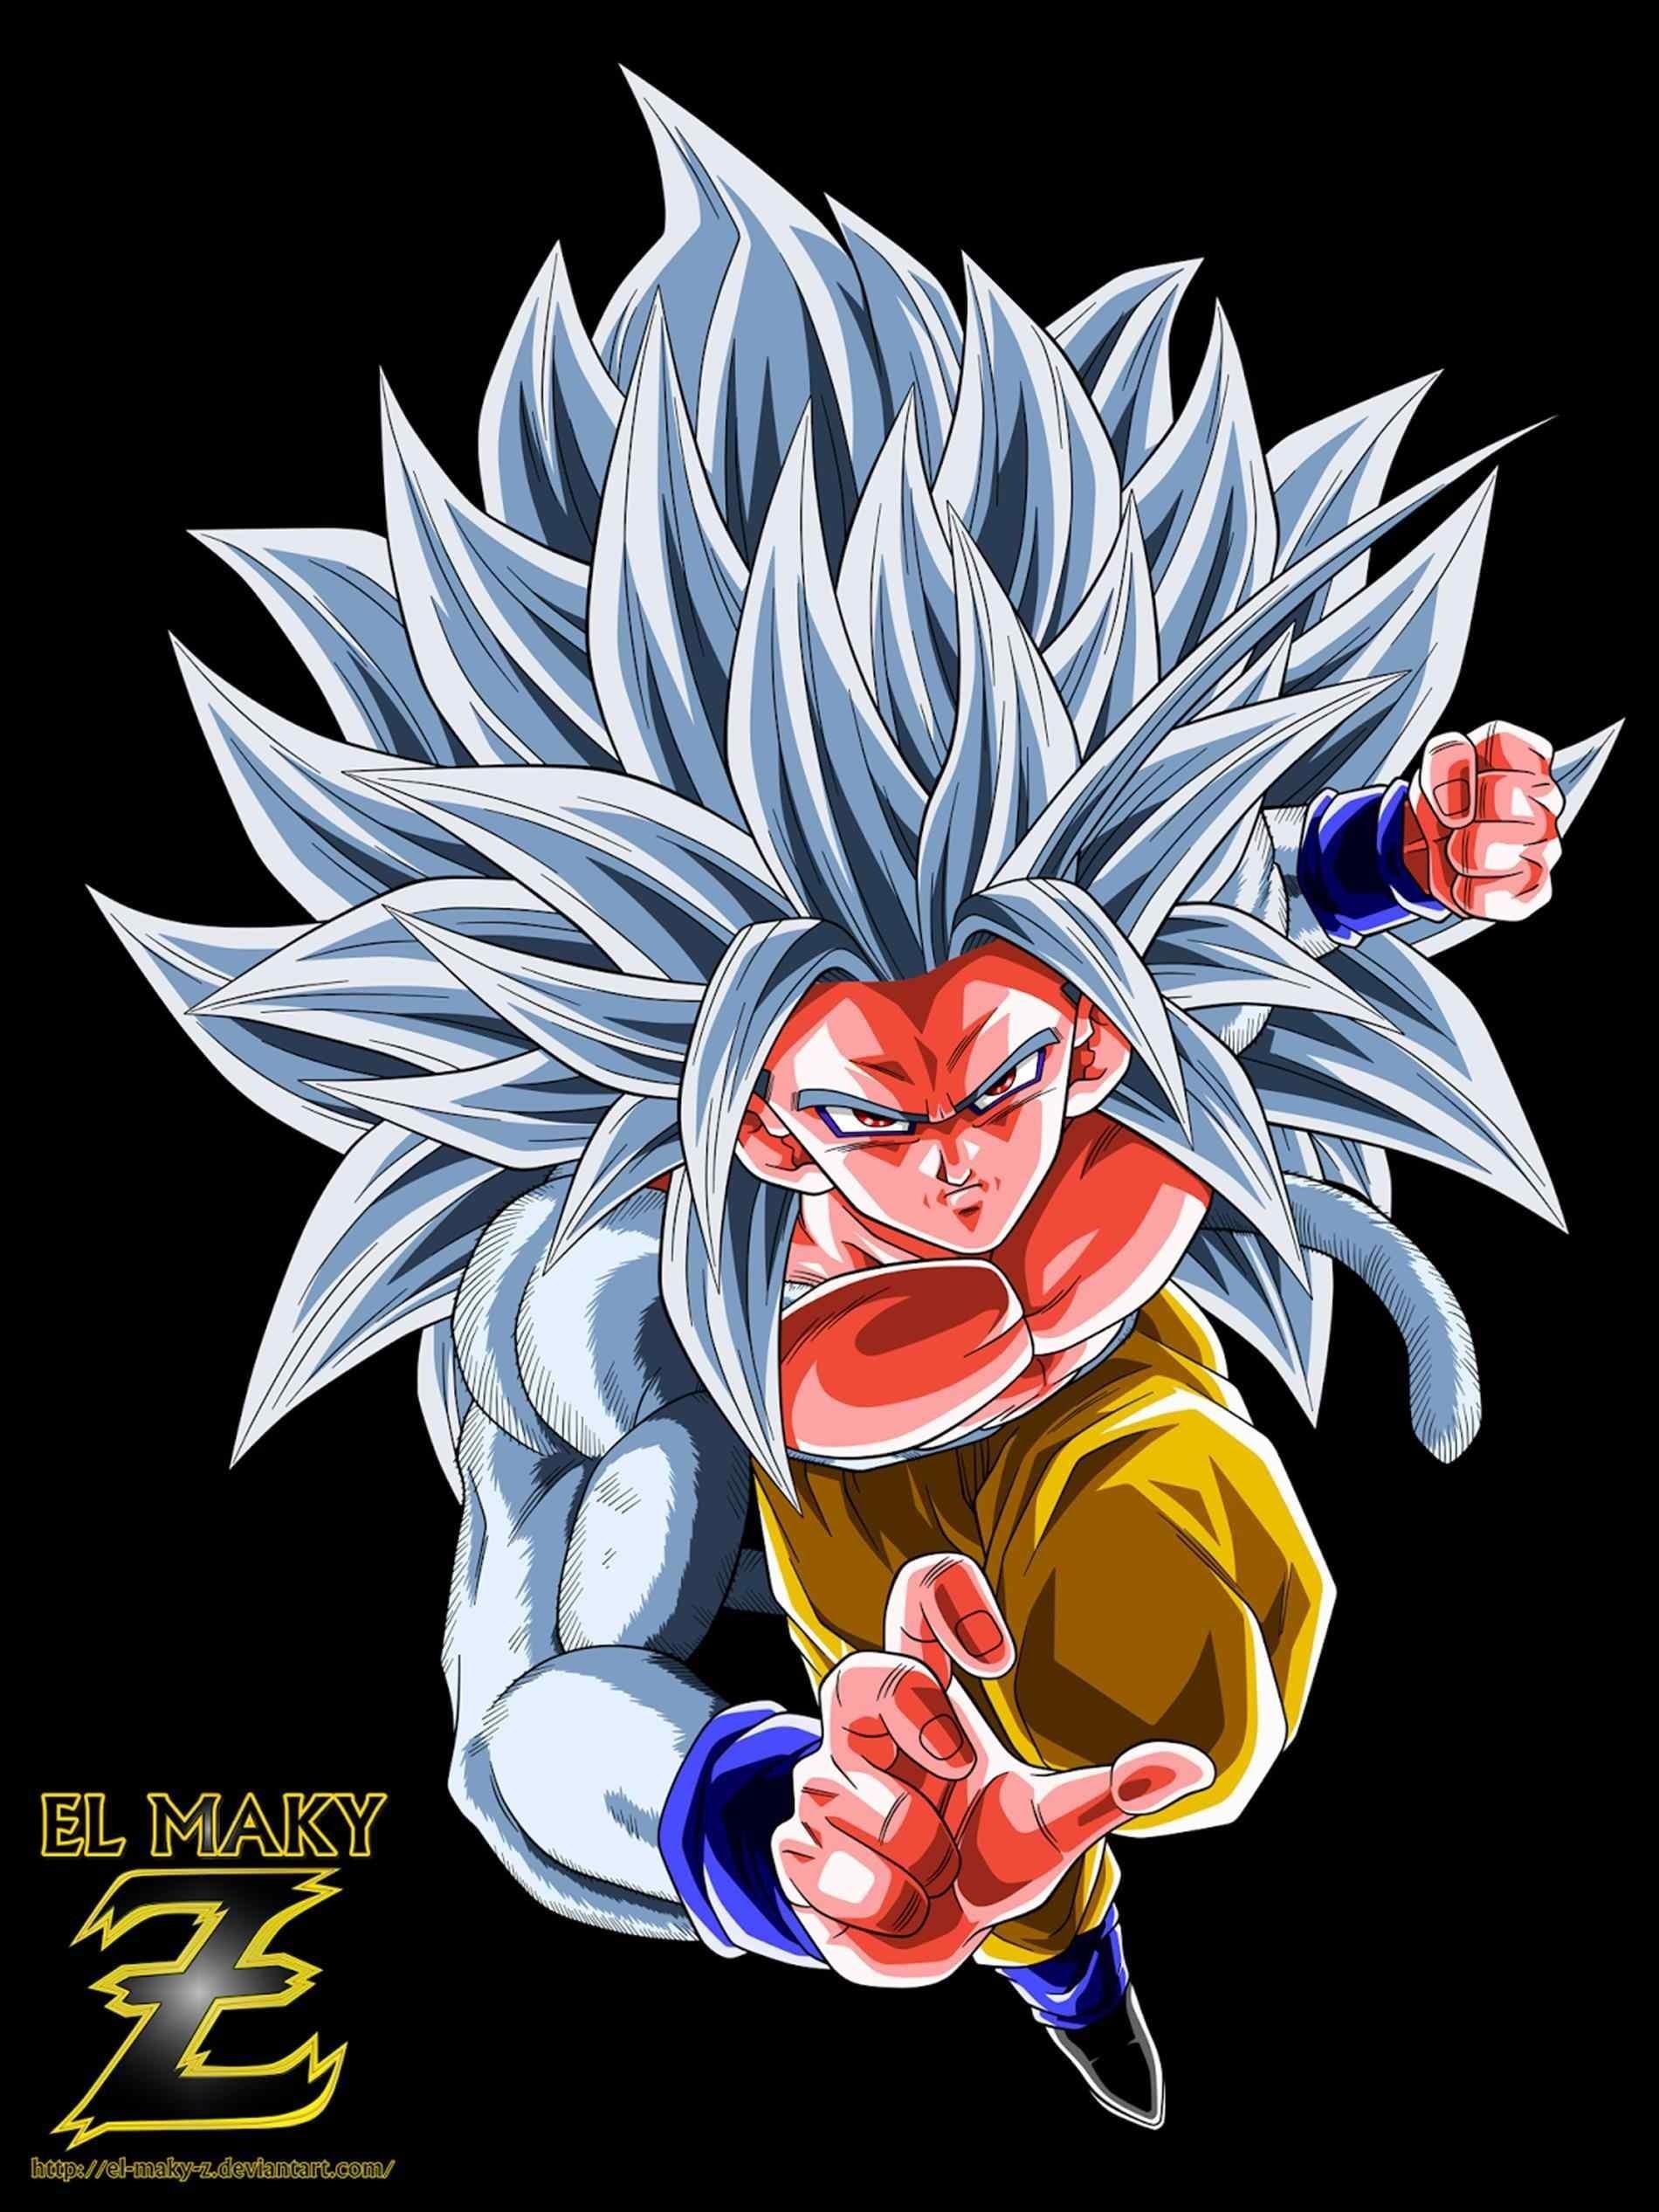 Goku Ss4 Wallpaper 75 Images